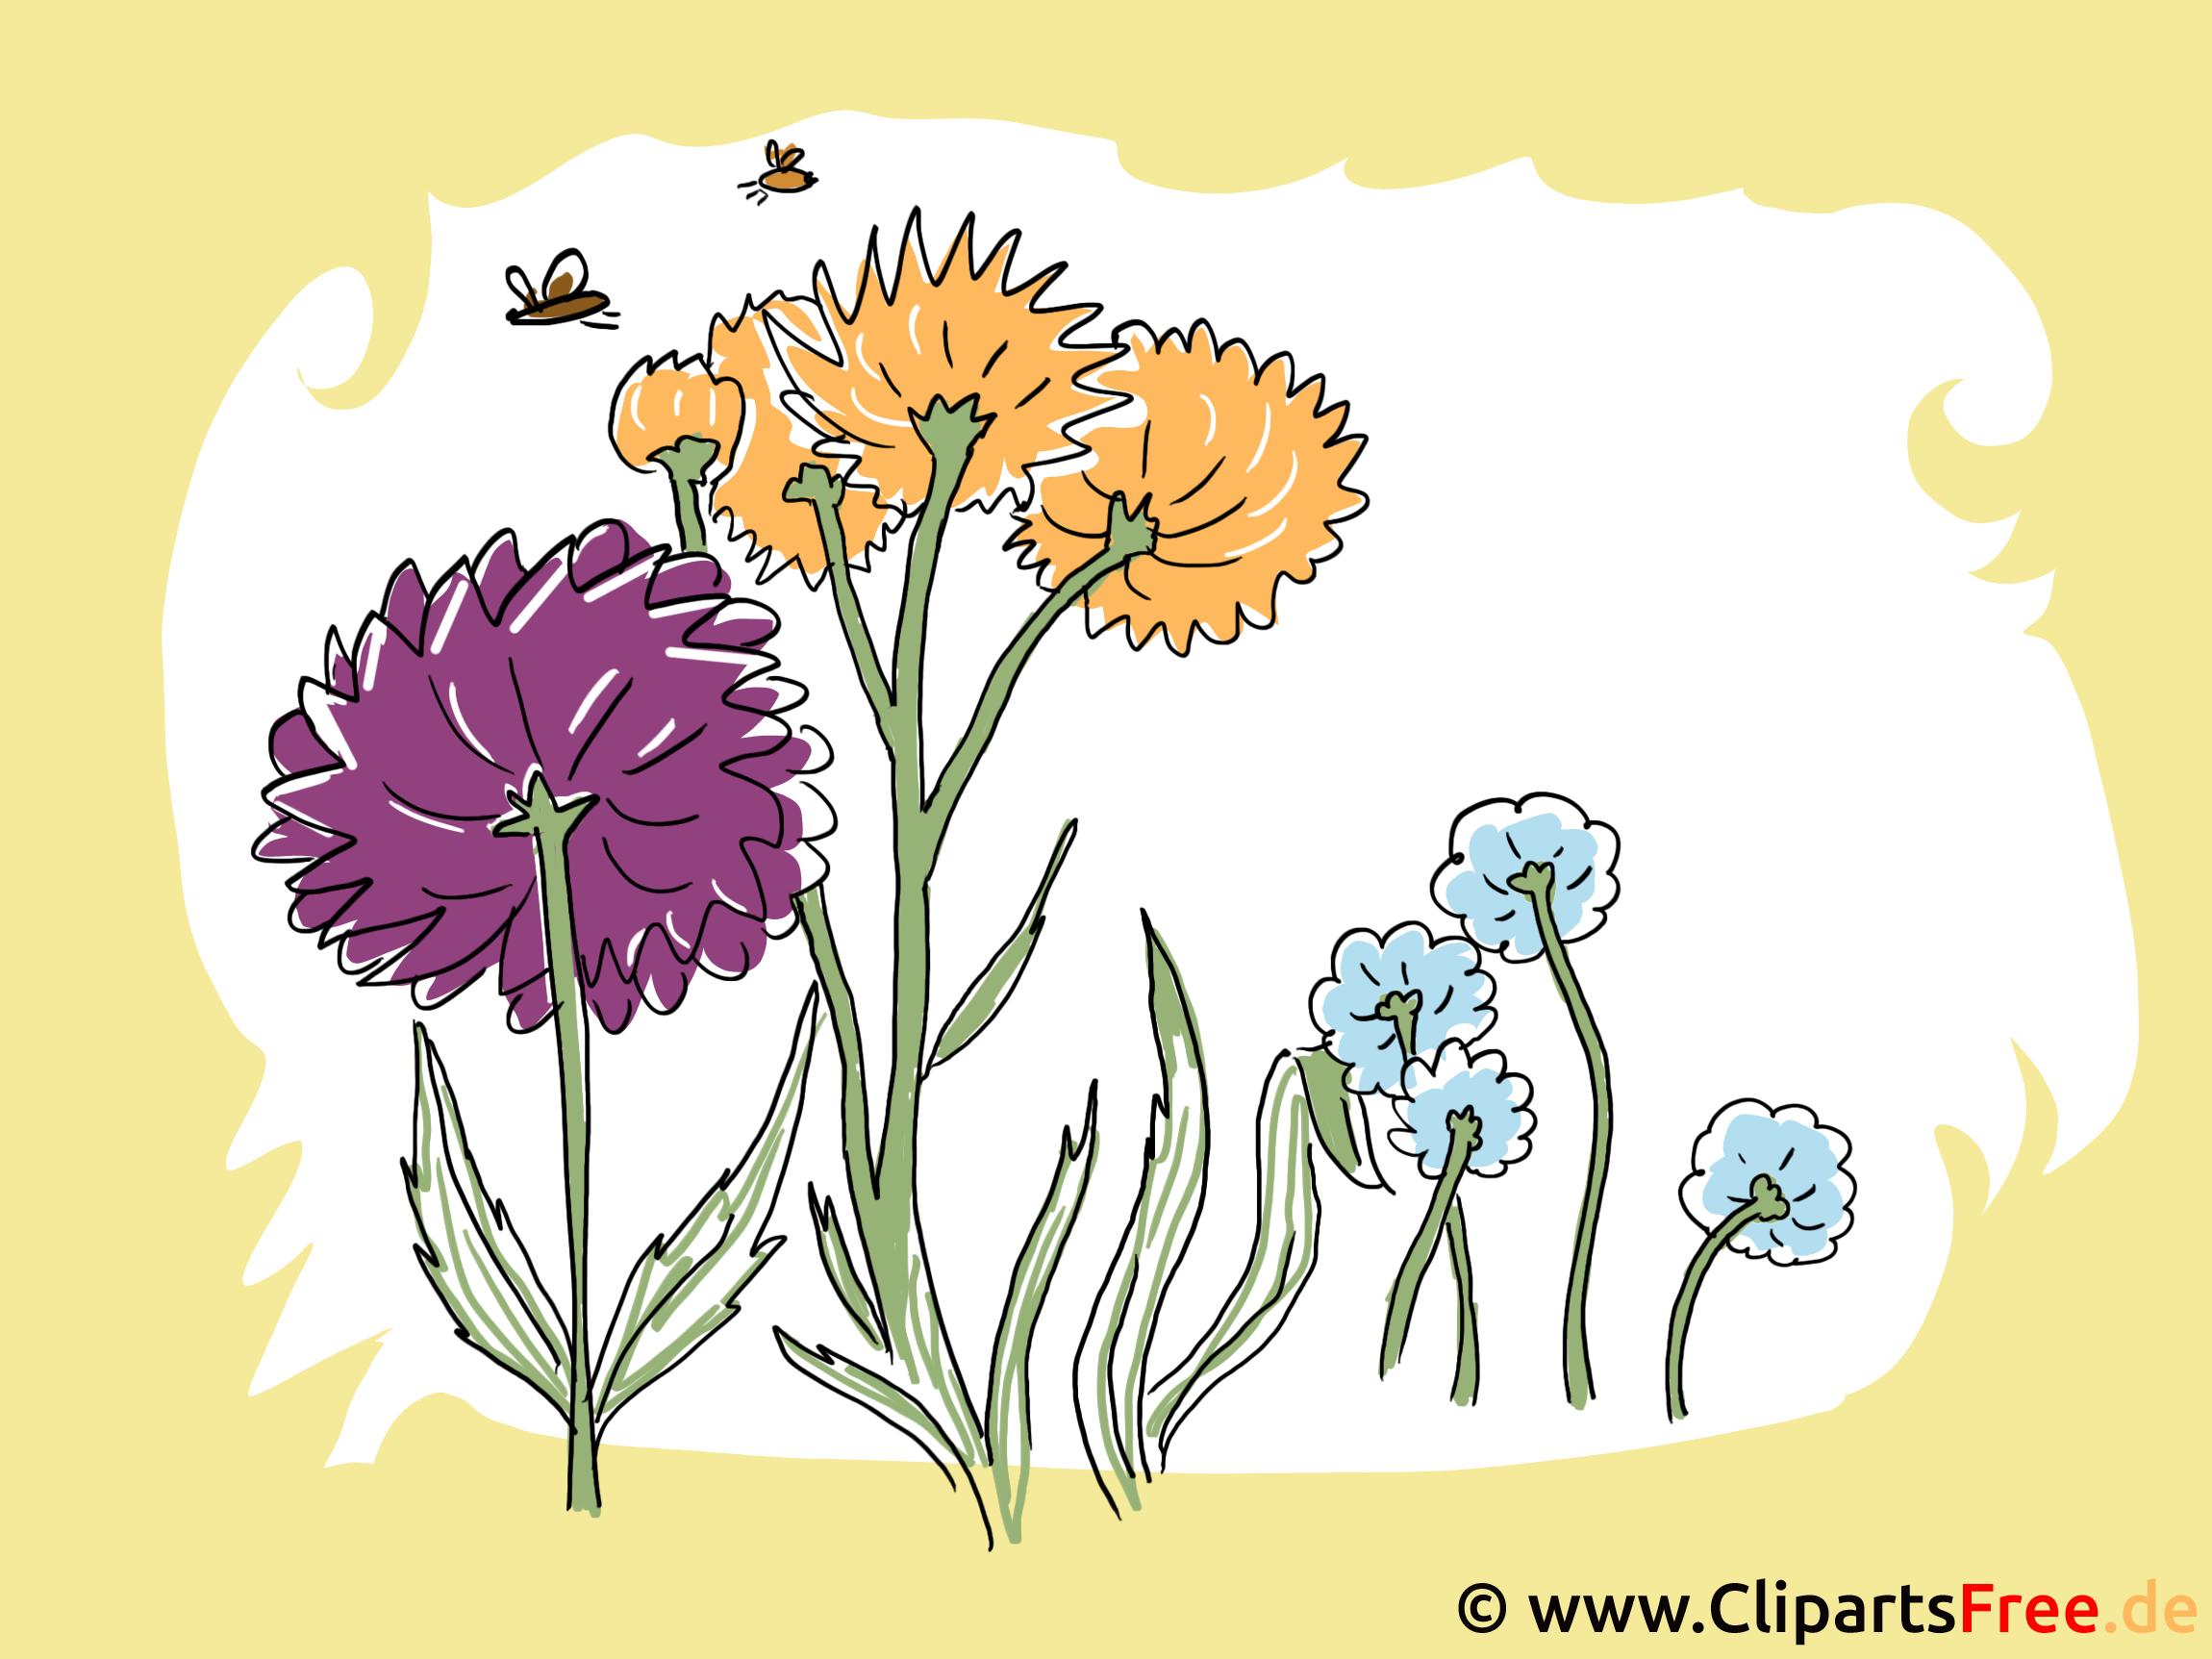 Fleurs image gratuite - Fonds d'écran illustration